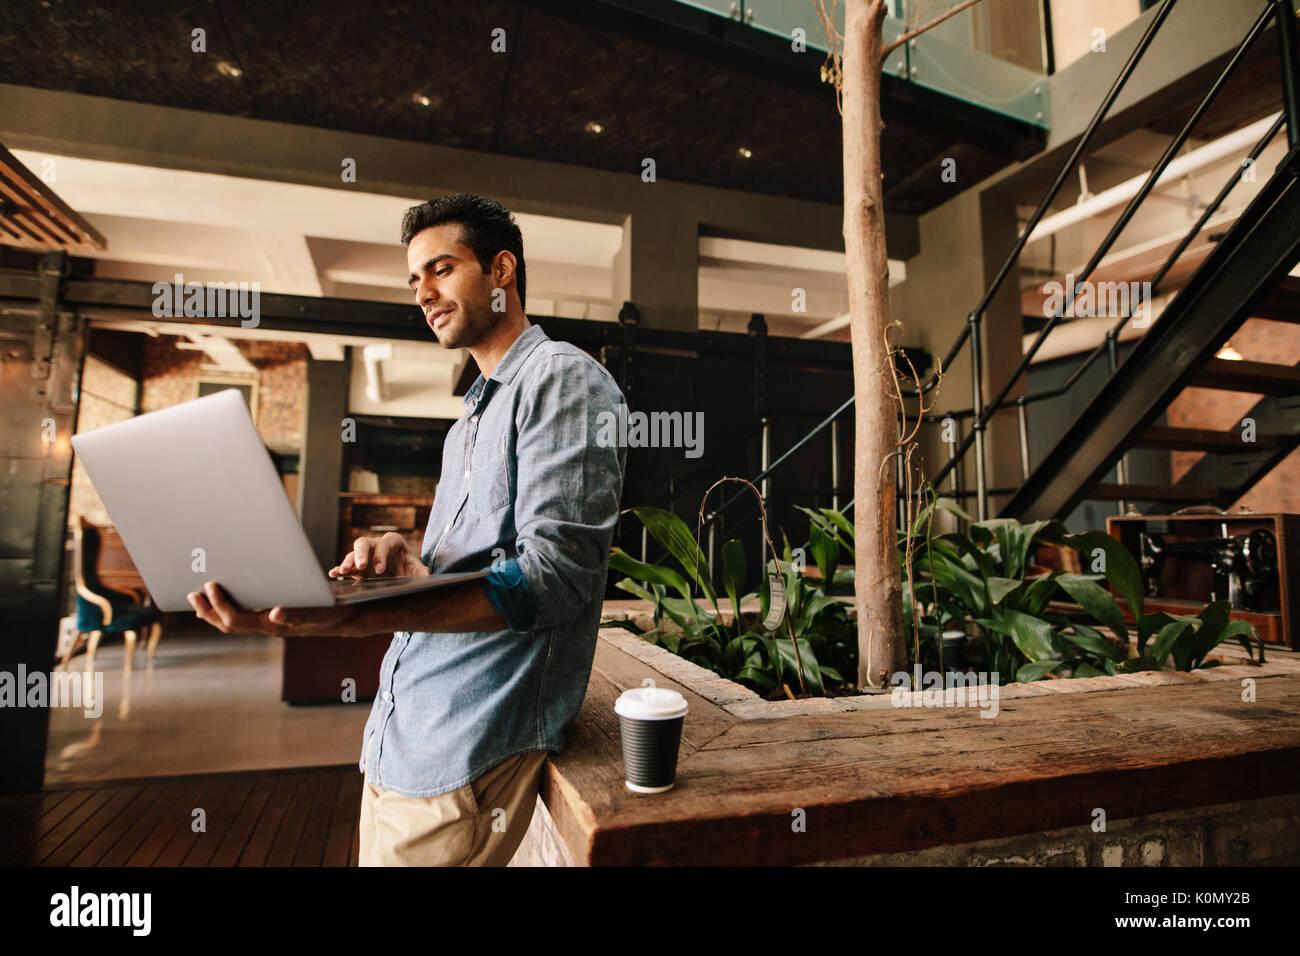 Schuß von jungen kreativen Menschen in Unternehmen lounge Arbeiten am Laptop. Unternehmer im modernen Büro mit Laptop. Stockbild